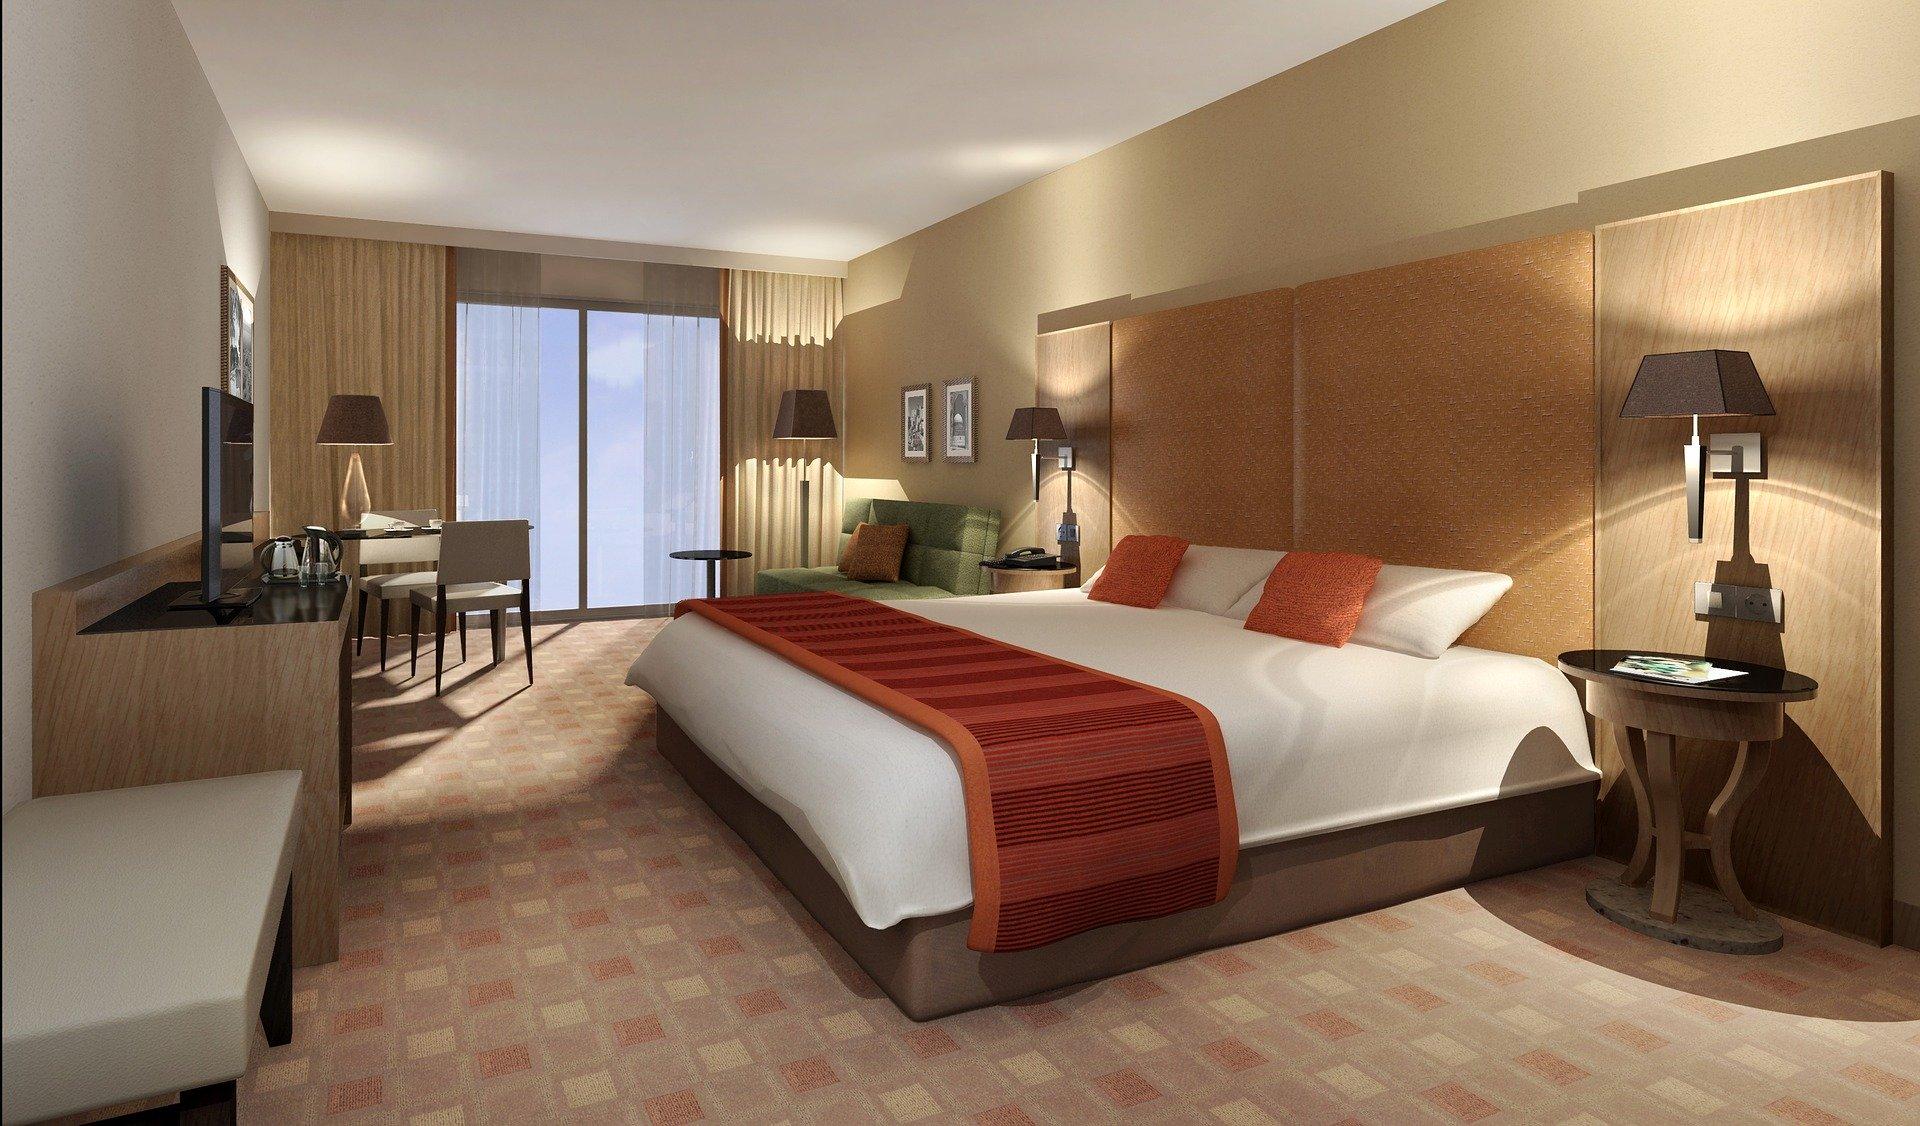 不倫でホテルデートをする時の注意点!ホテルの選び方や入り方、証拠を残さない方法